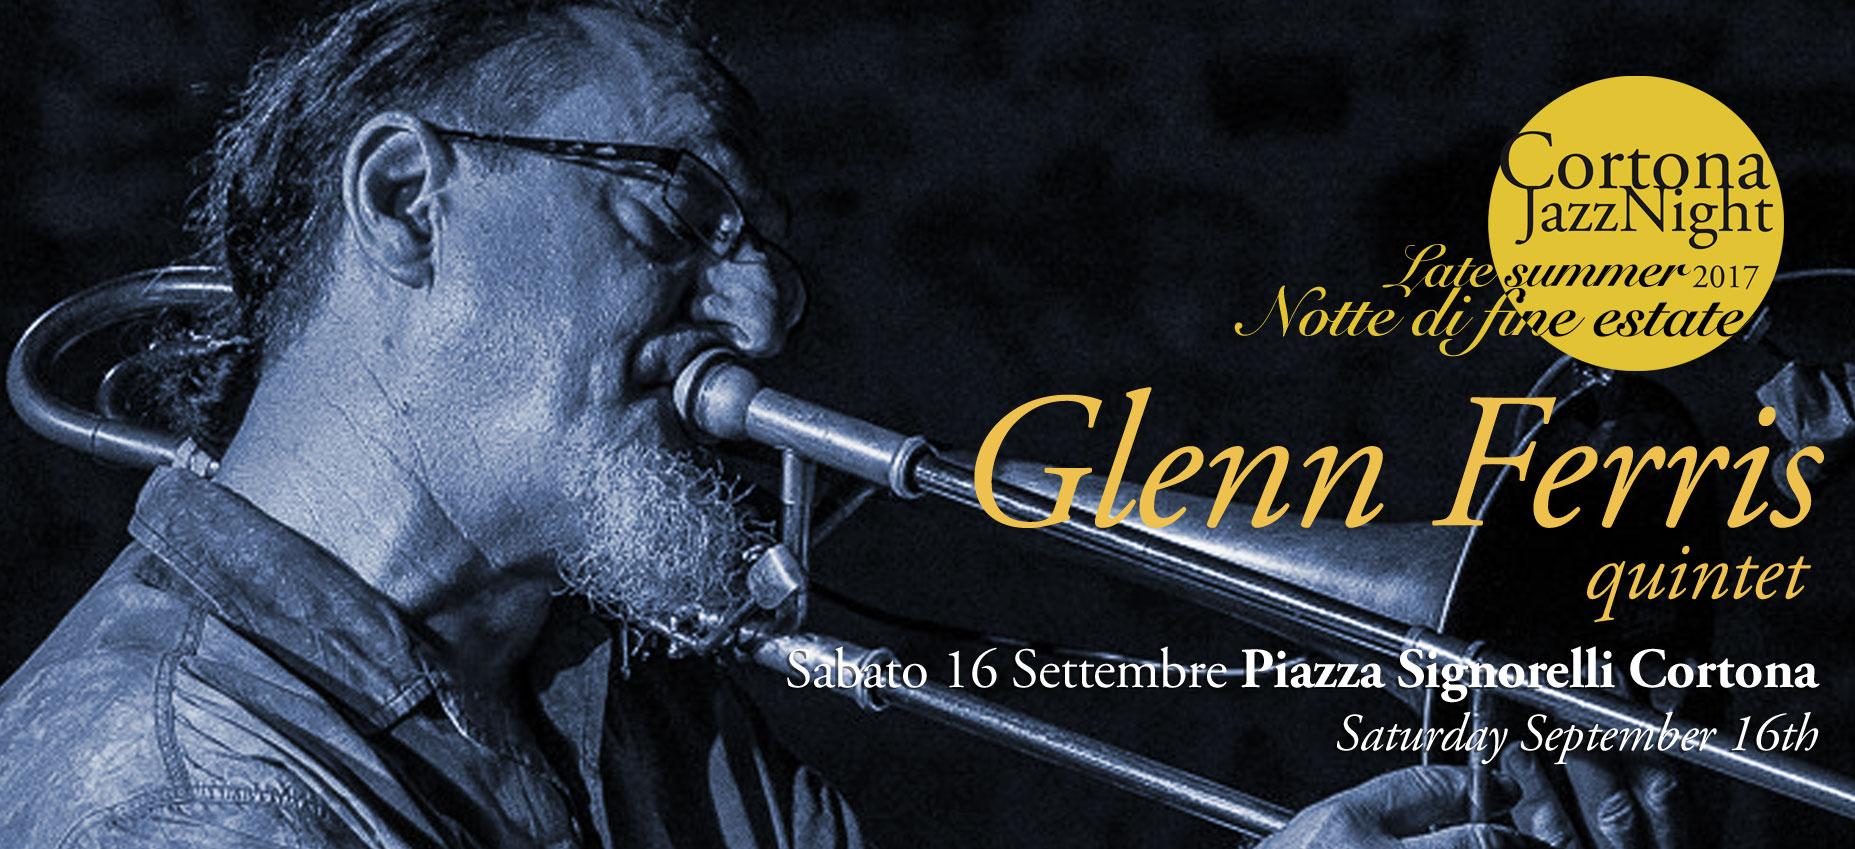 La Cortona Jazz Night fa il bis con Glenn Ferris